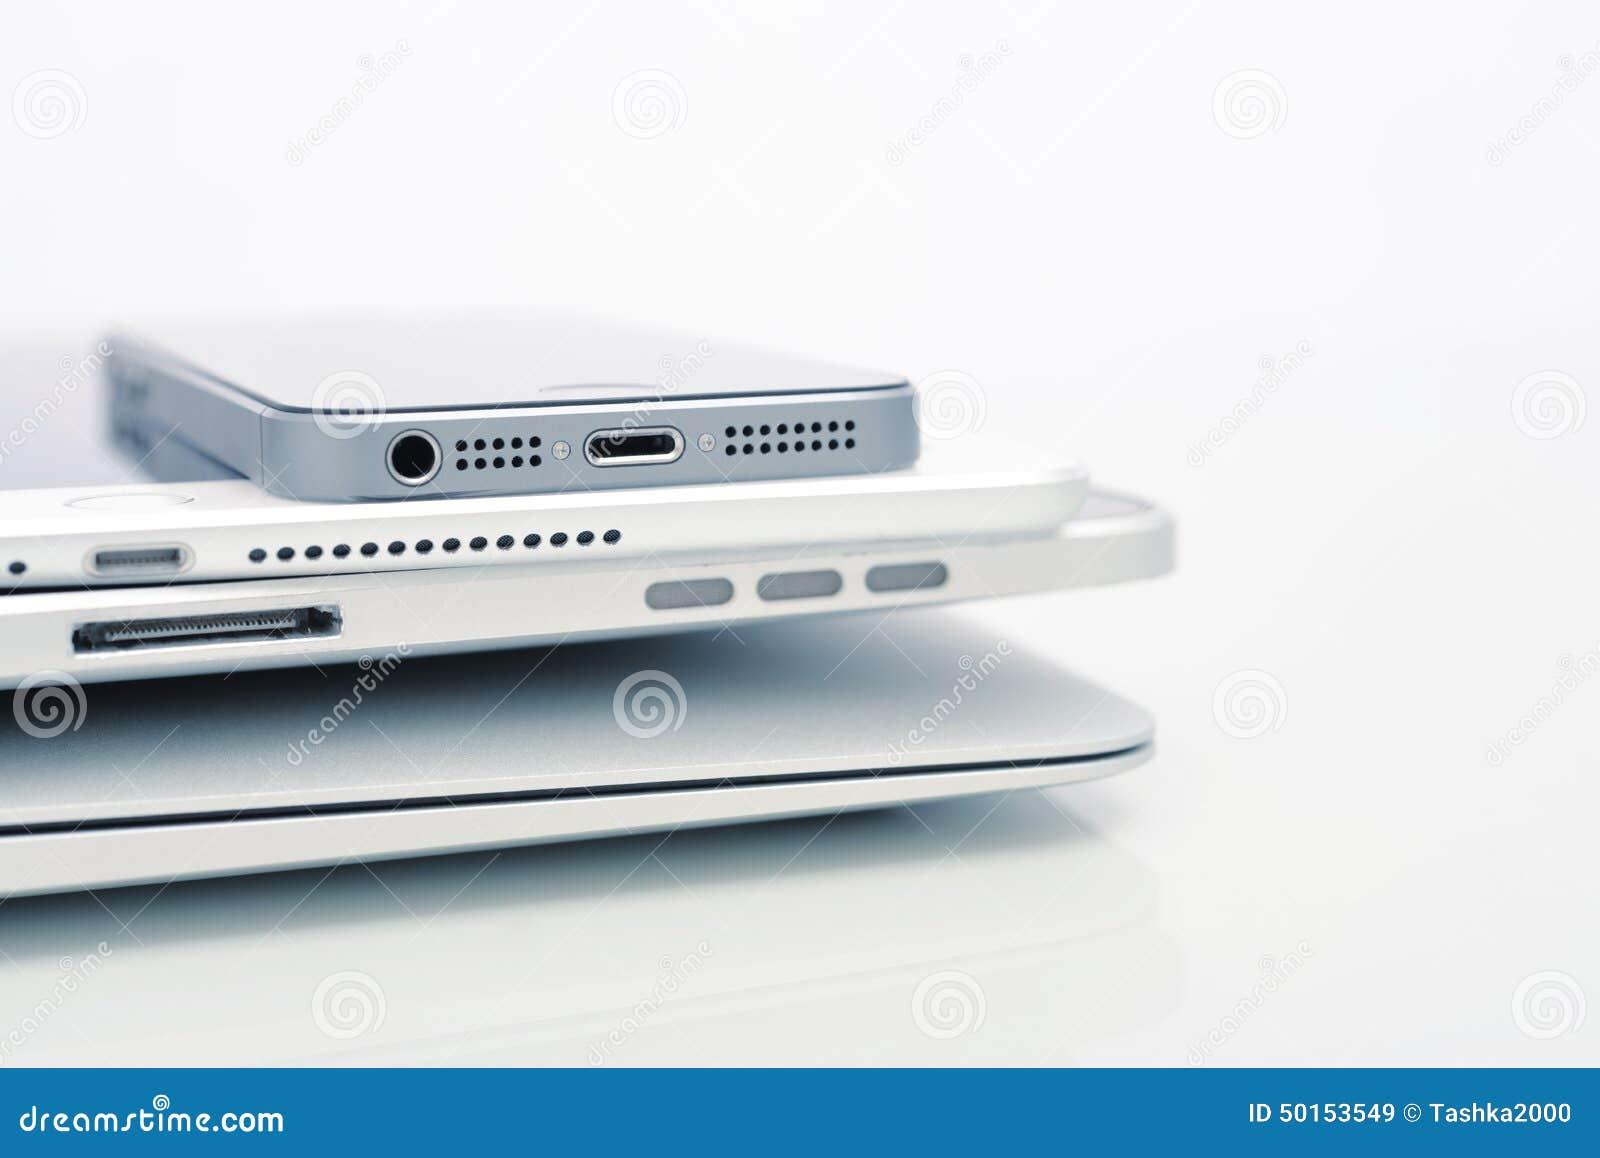 Imac inc иллюстрации яблока